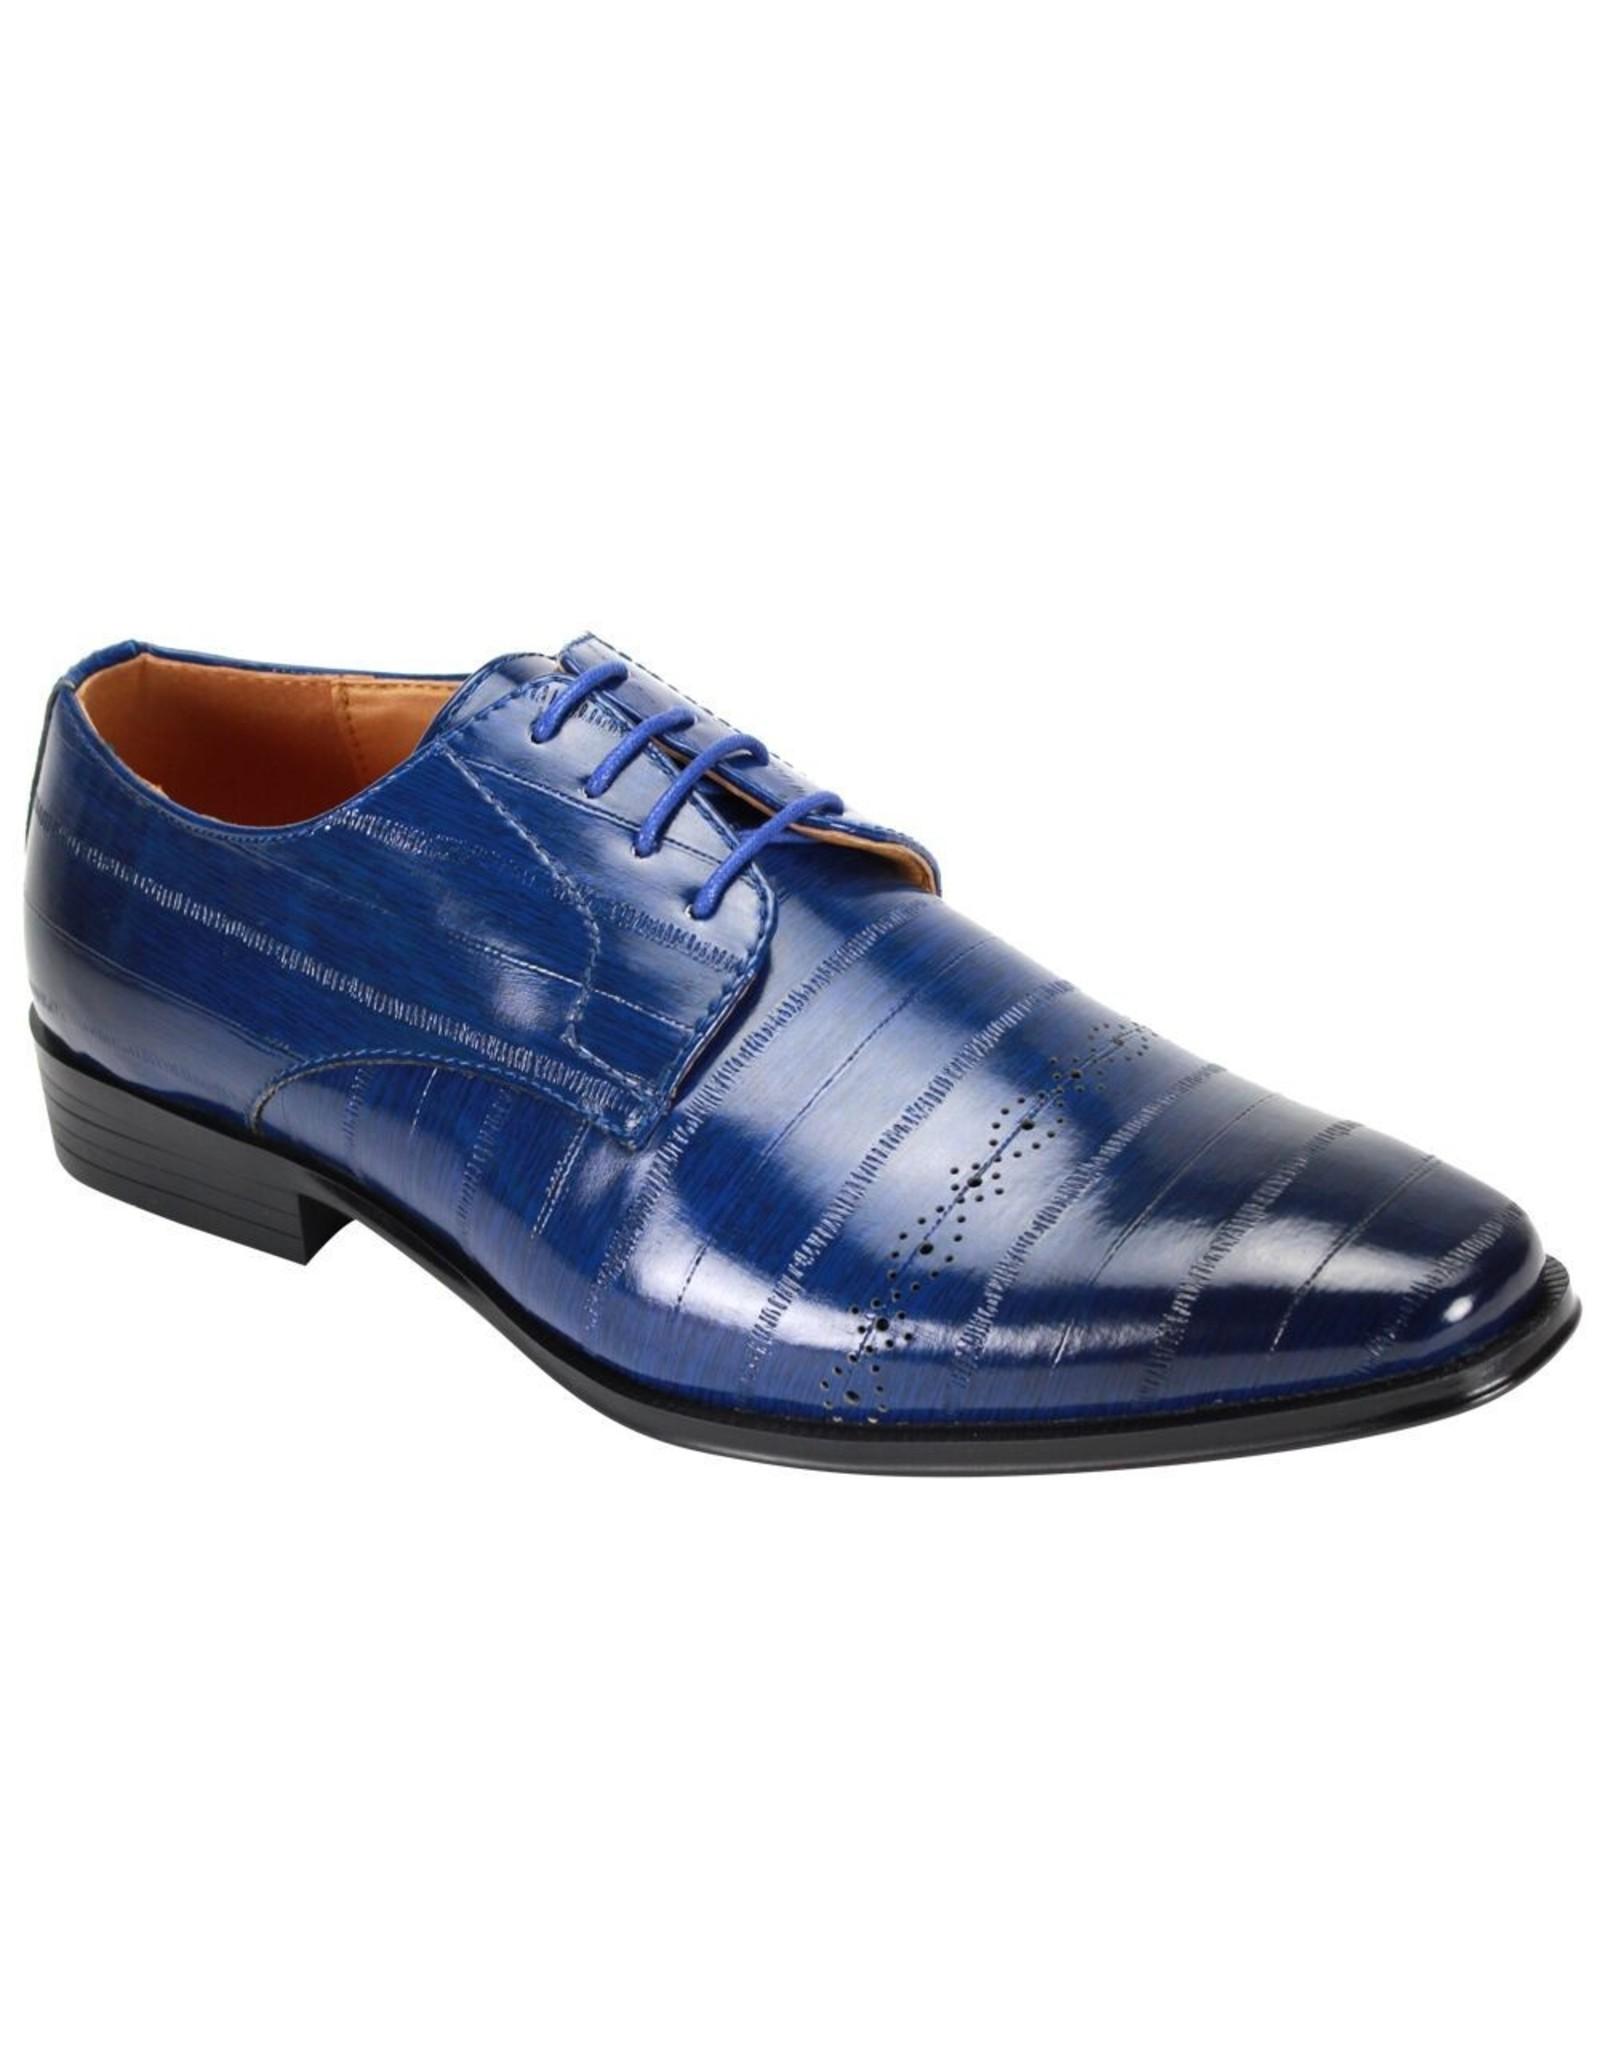 Antonio Cerrelli Antonio Cerrelli 6838 Dress Shoe - Blue